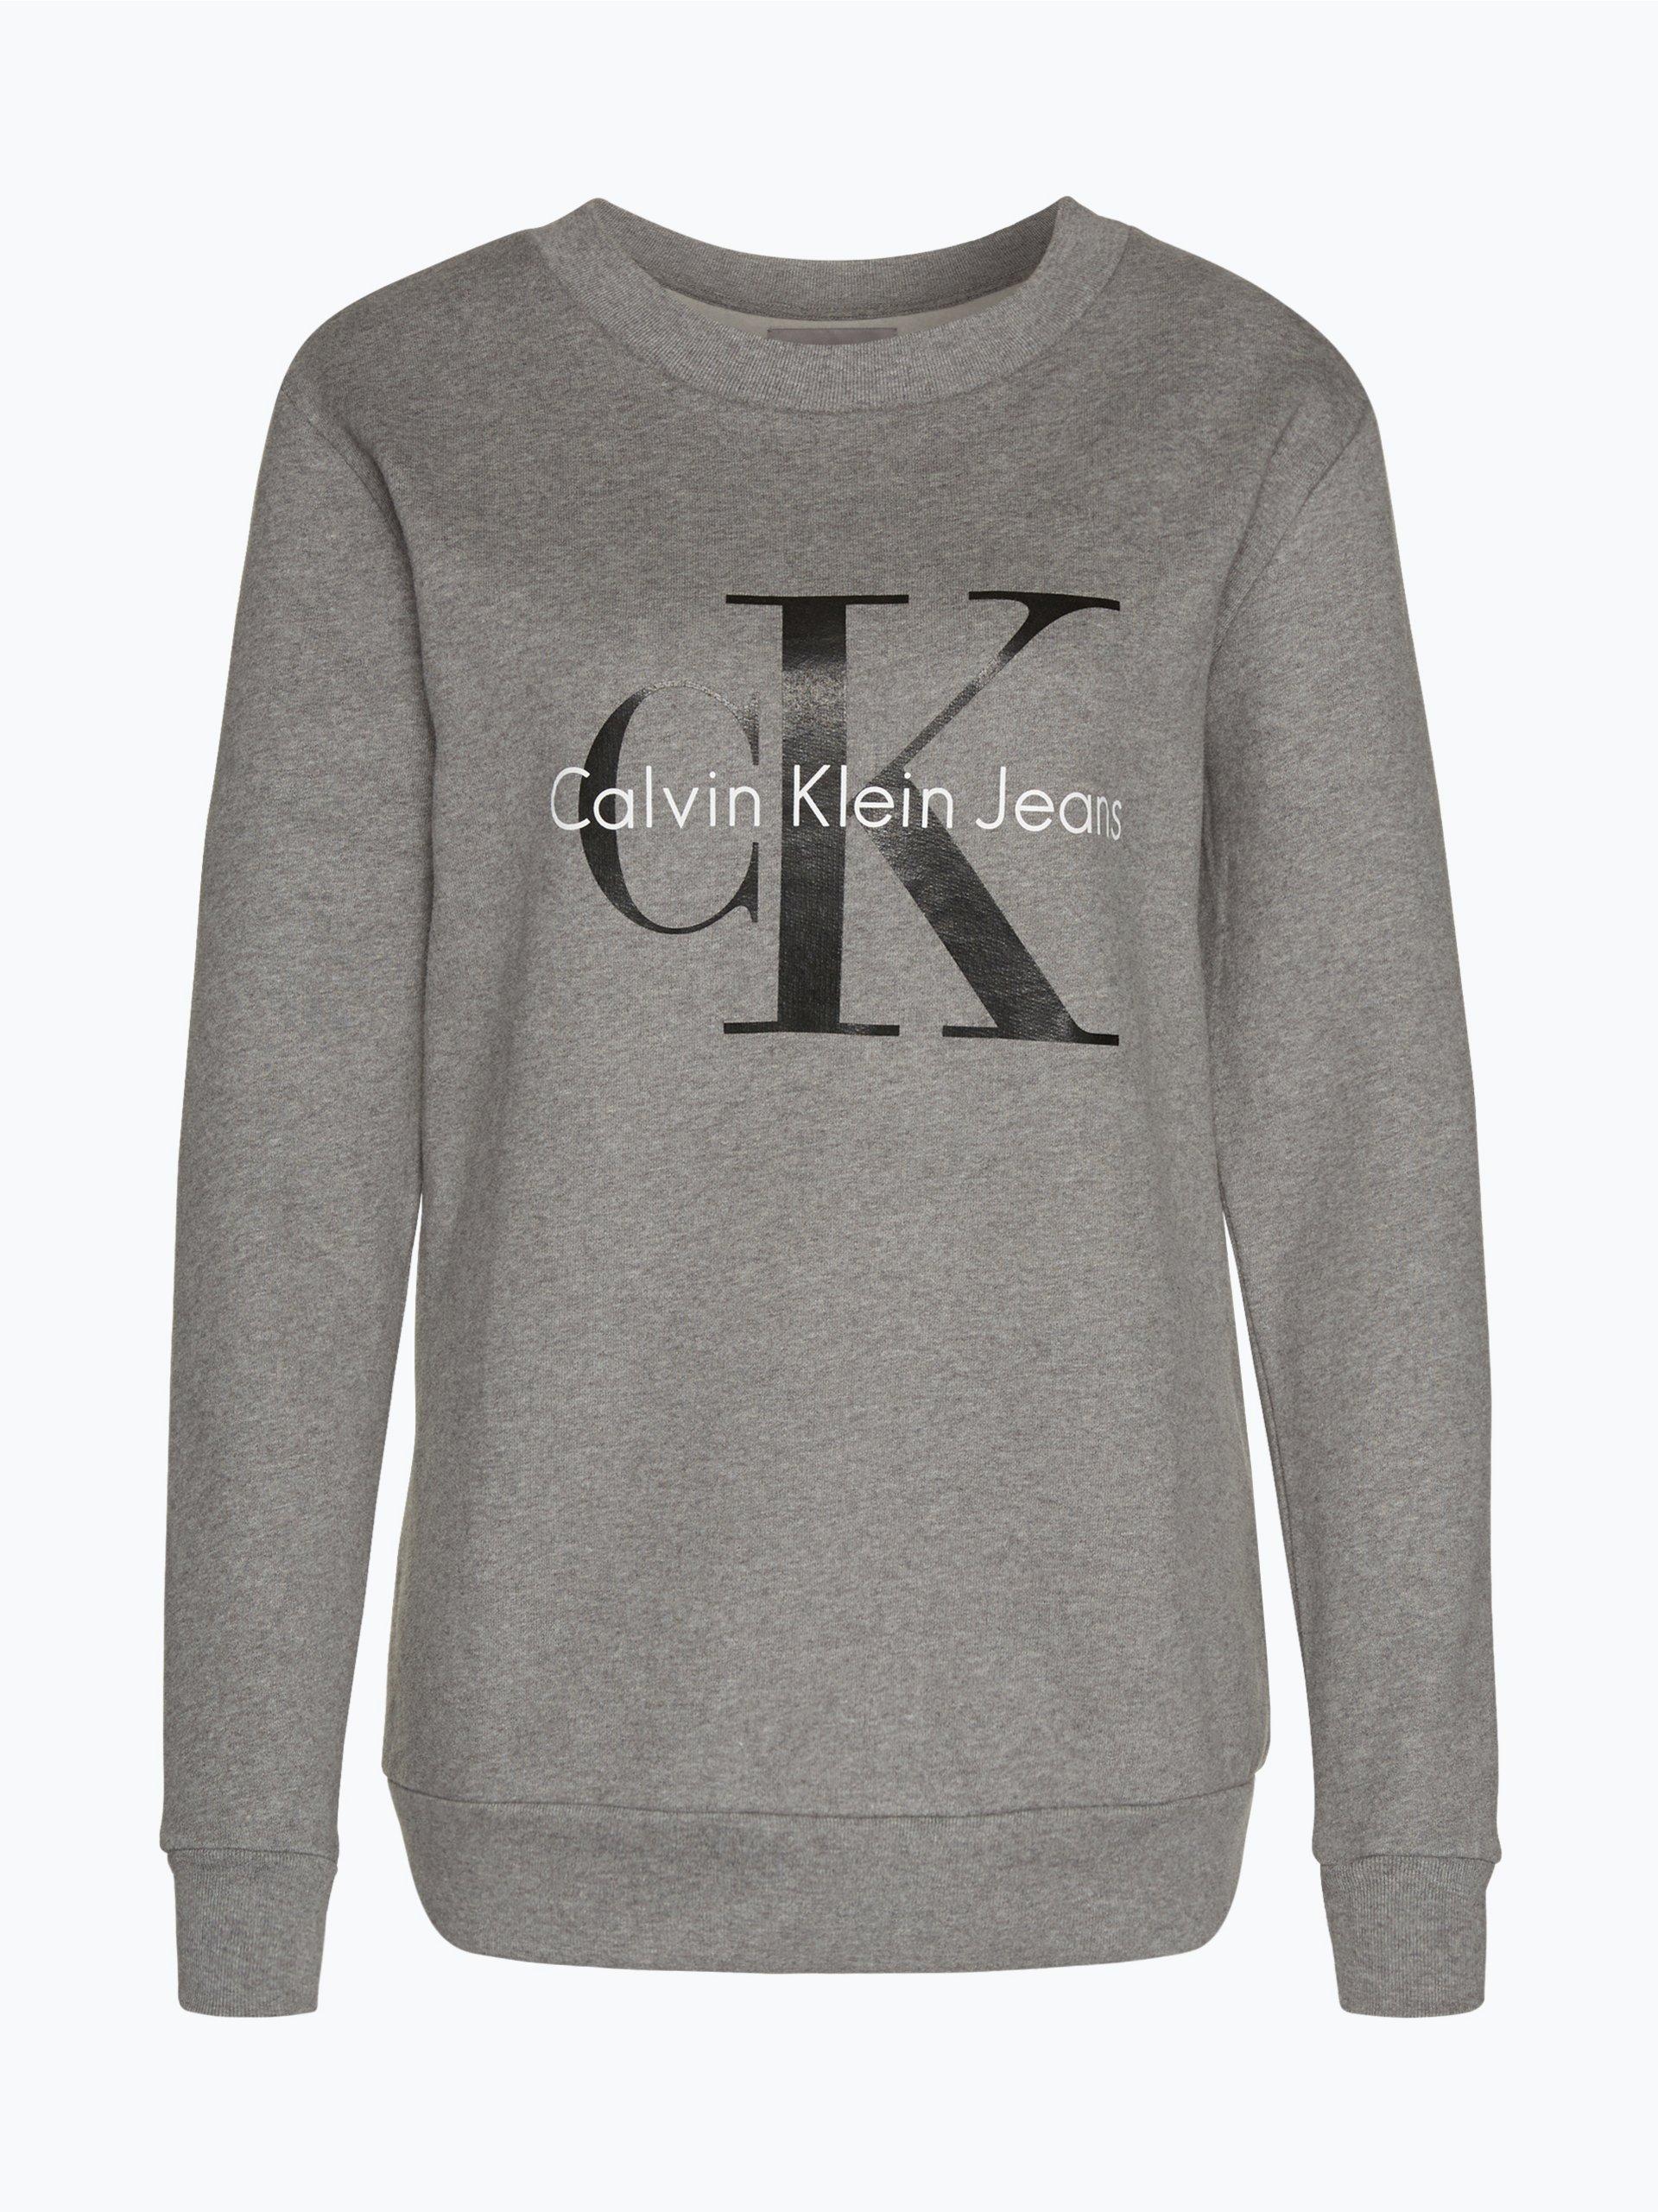 calvin klein jeans damen sweatshirt grau uni online kaufen peek und cloppenburg de. Black Bedroom Furniture Sets. Home Design Ideas